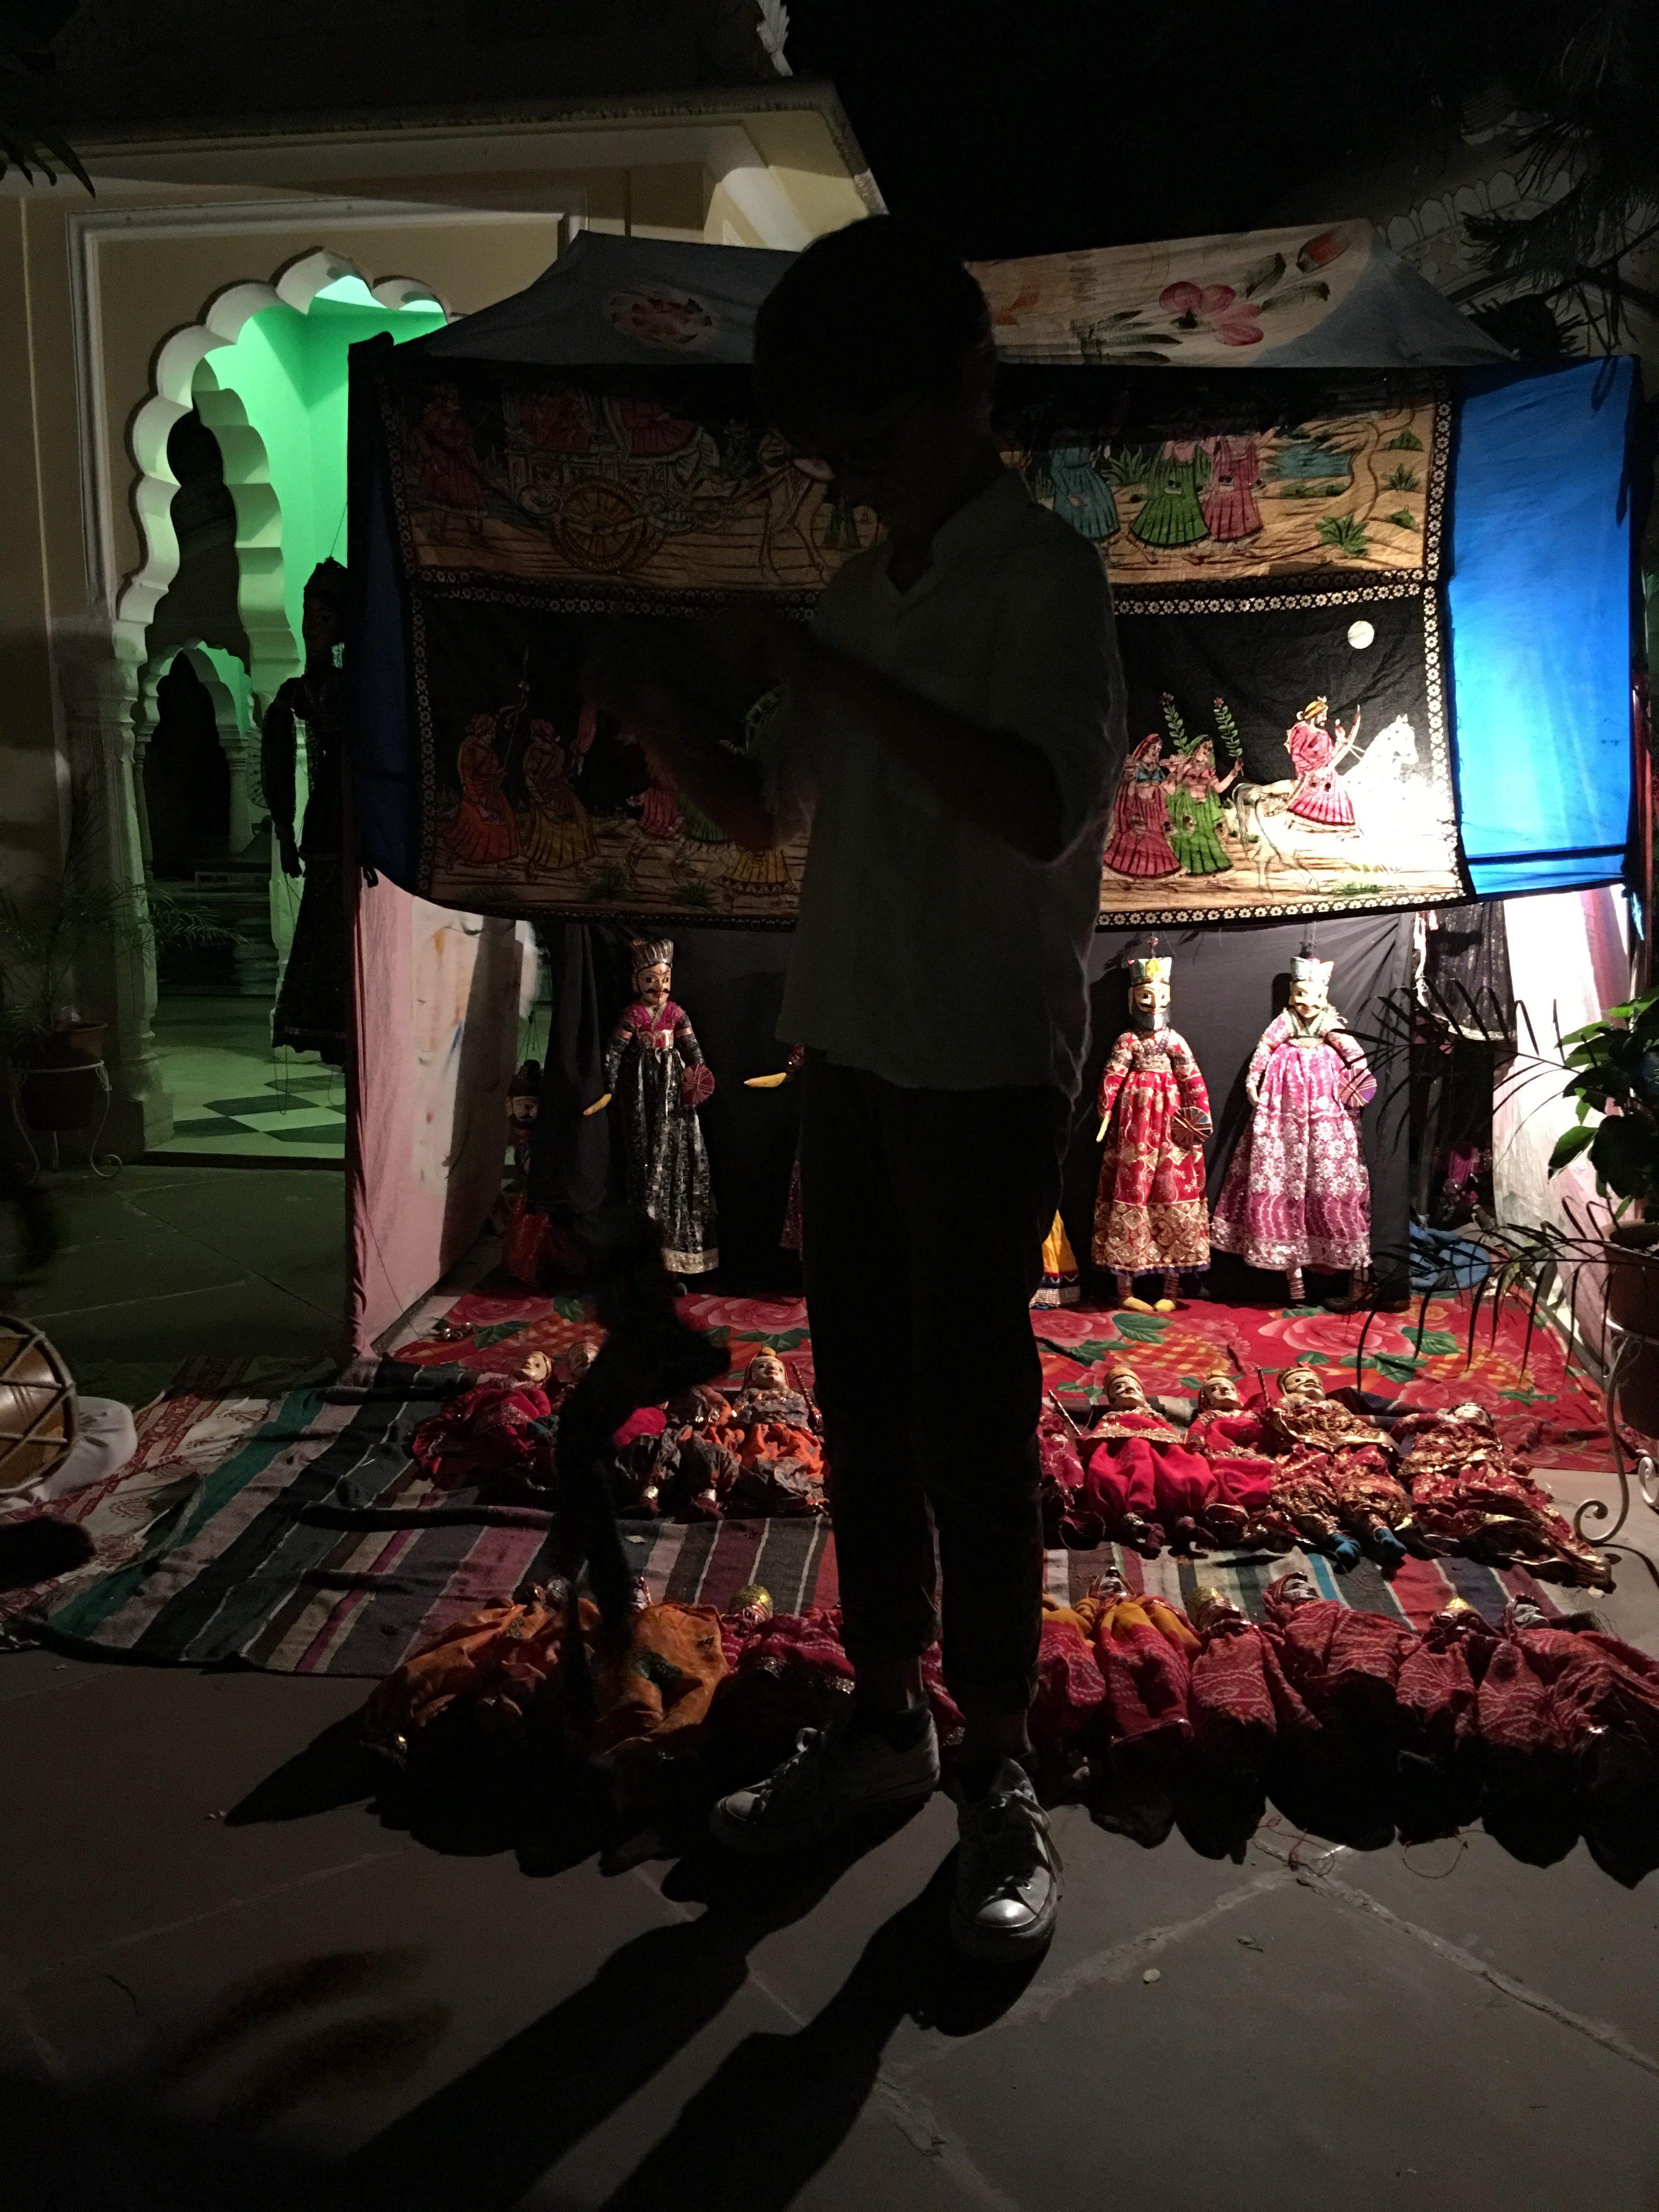 Toller Puppenspieler im Hotel, eine alte Tradition in Rajasthan. Die Leinwände sind wie Wanderaltare und es werden Epen auswendig gelernt und mit Trommel, Gesang, Tanz und Puppen vorgetragen. Hier die kommerziellere Variante, aber trotzdem berührend. So daß alle Jungs begeistert spielen.